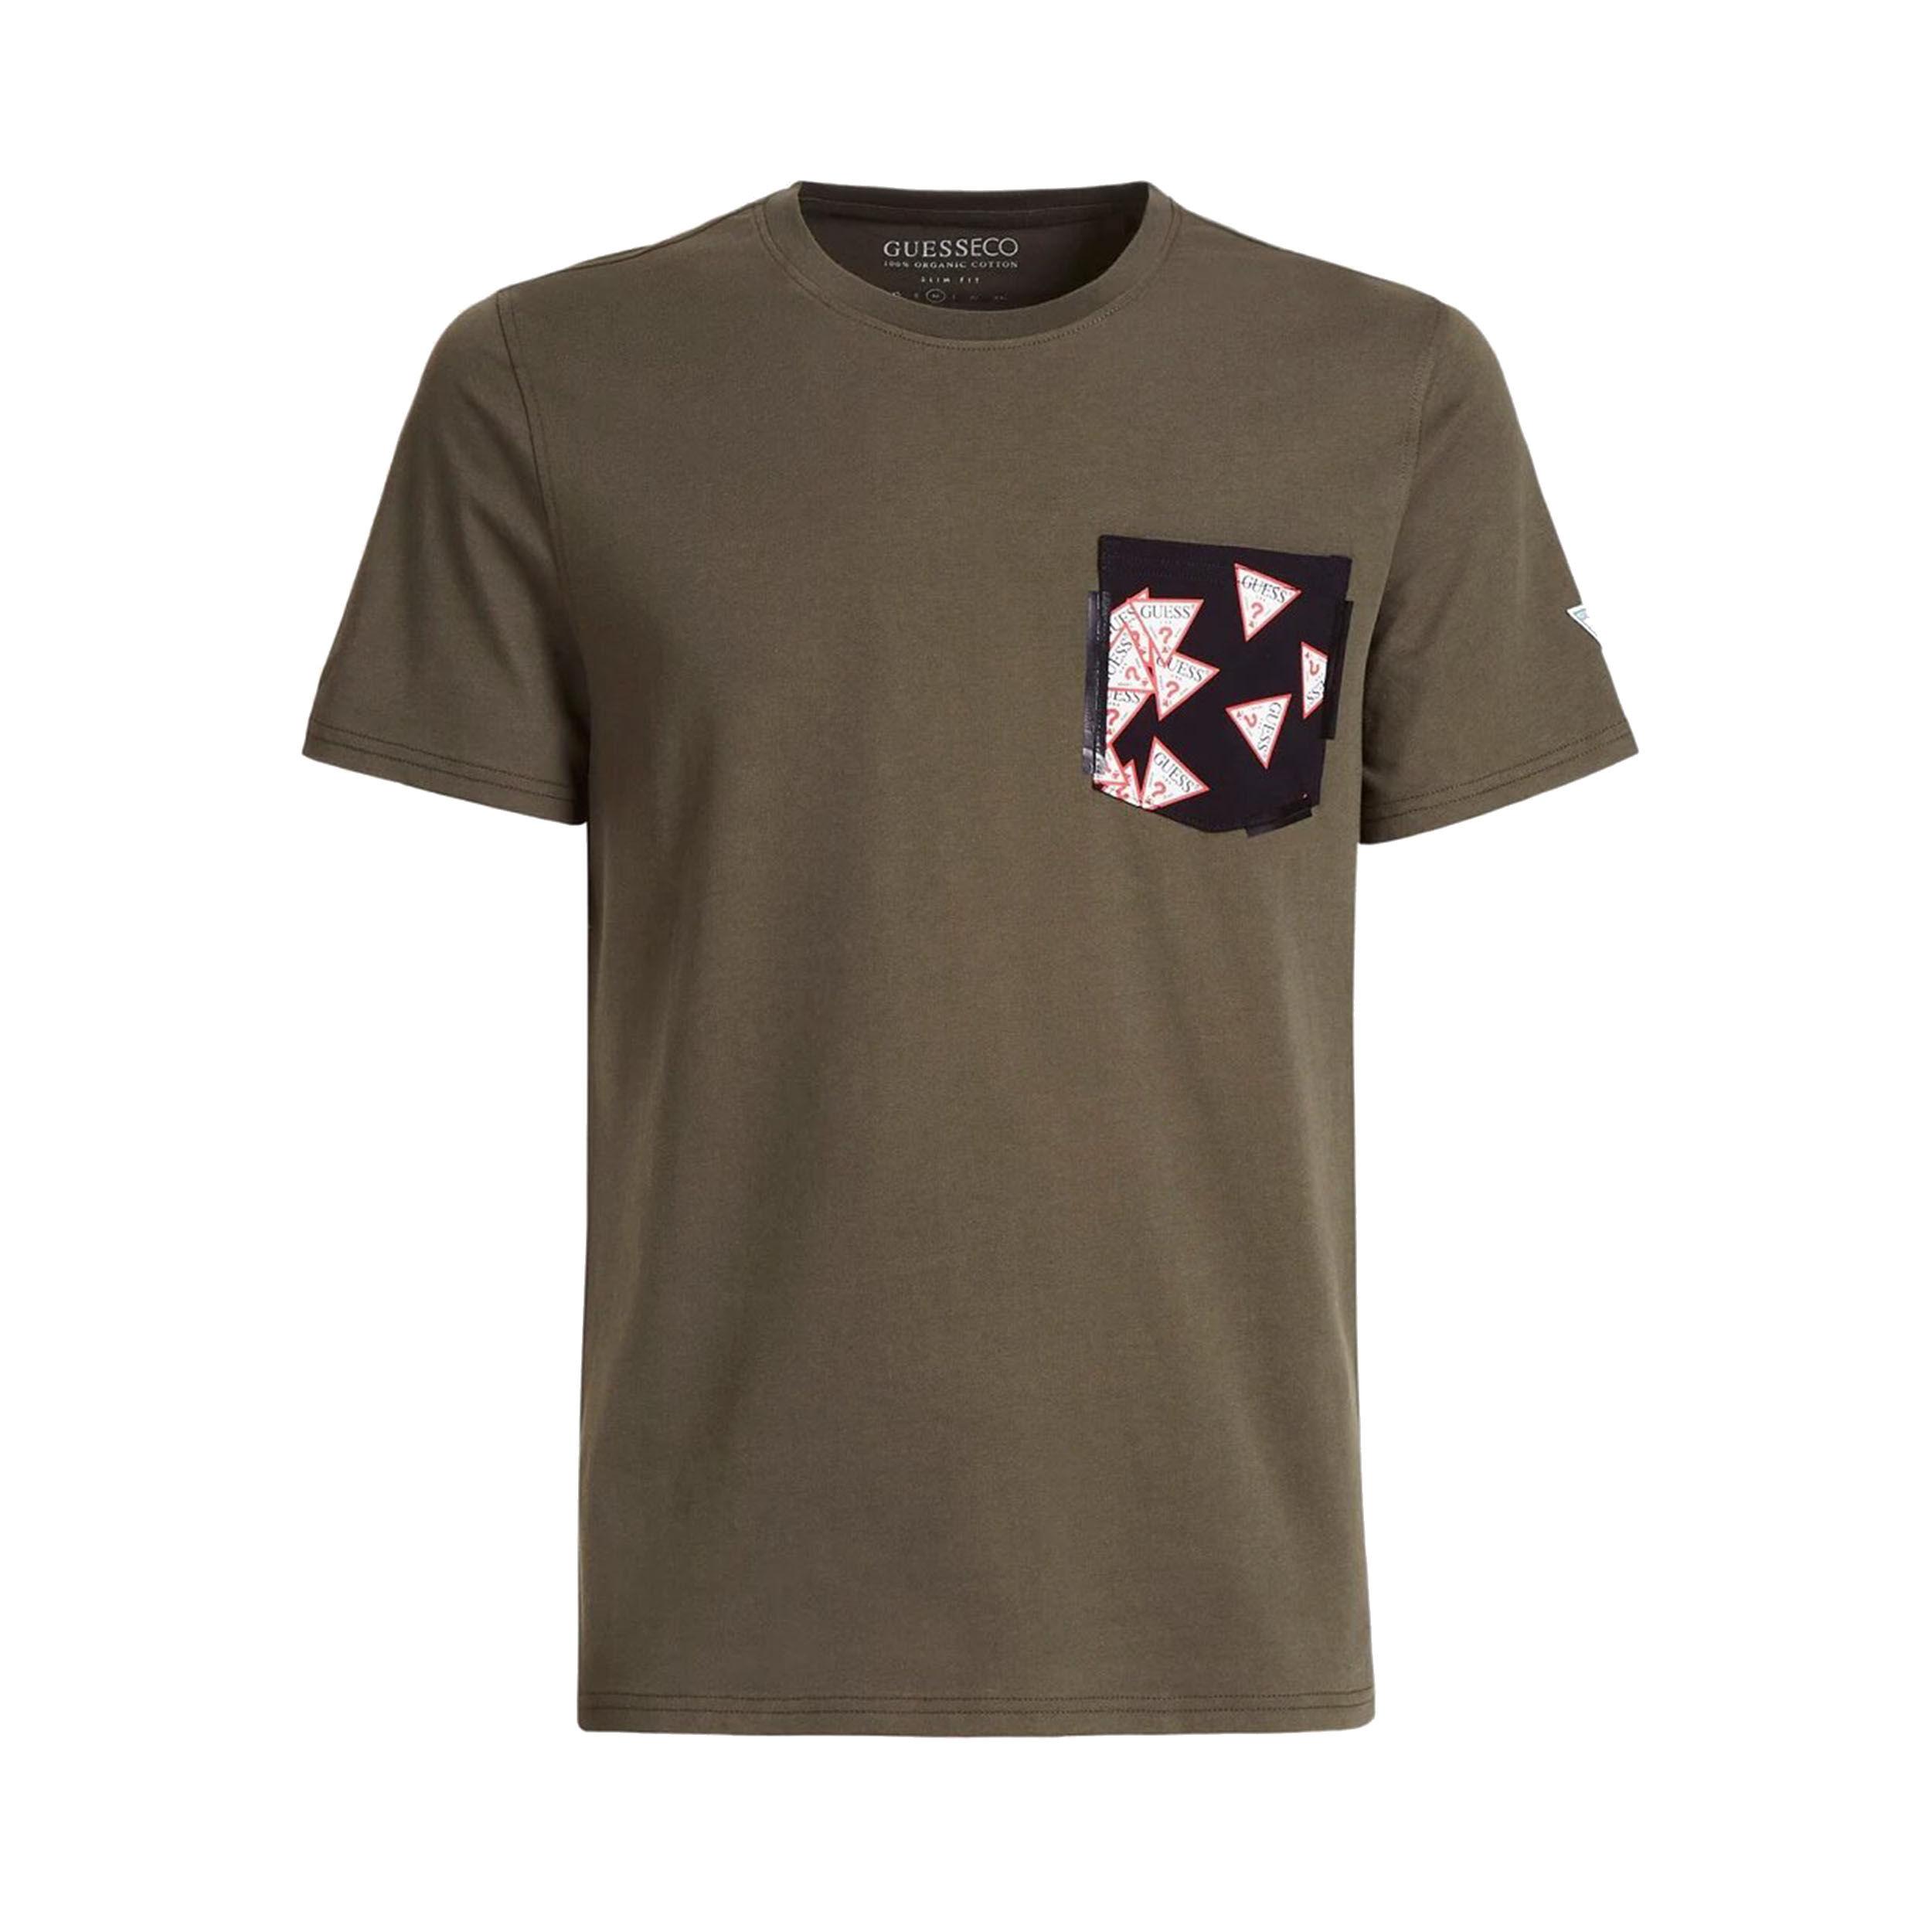 Guess Jeans Tee-shirt col rond Guess en coton vert kaki à poche noire floquée - VERT KAKI -